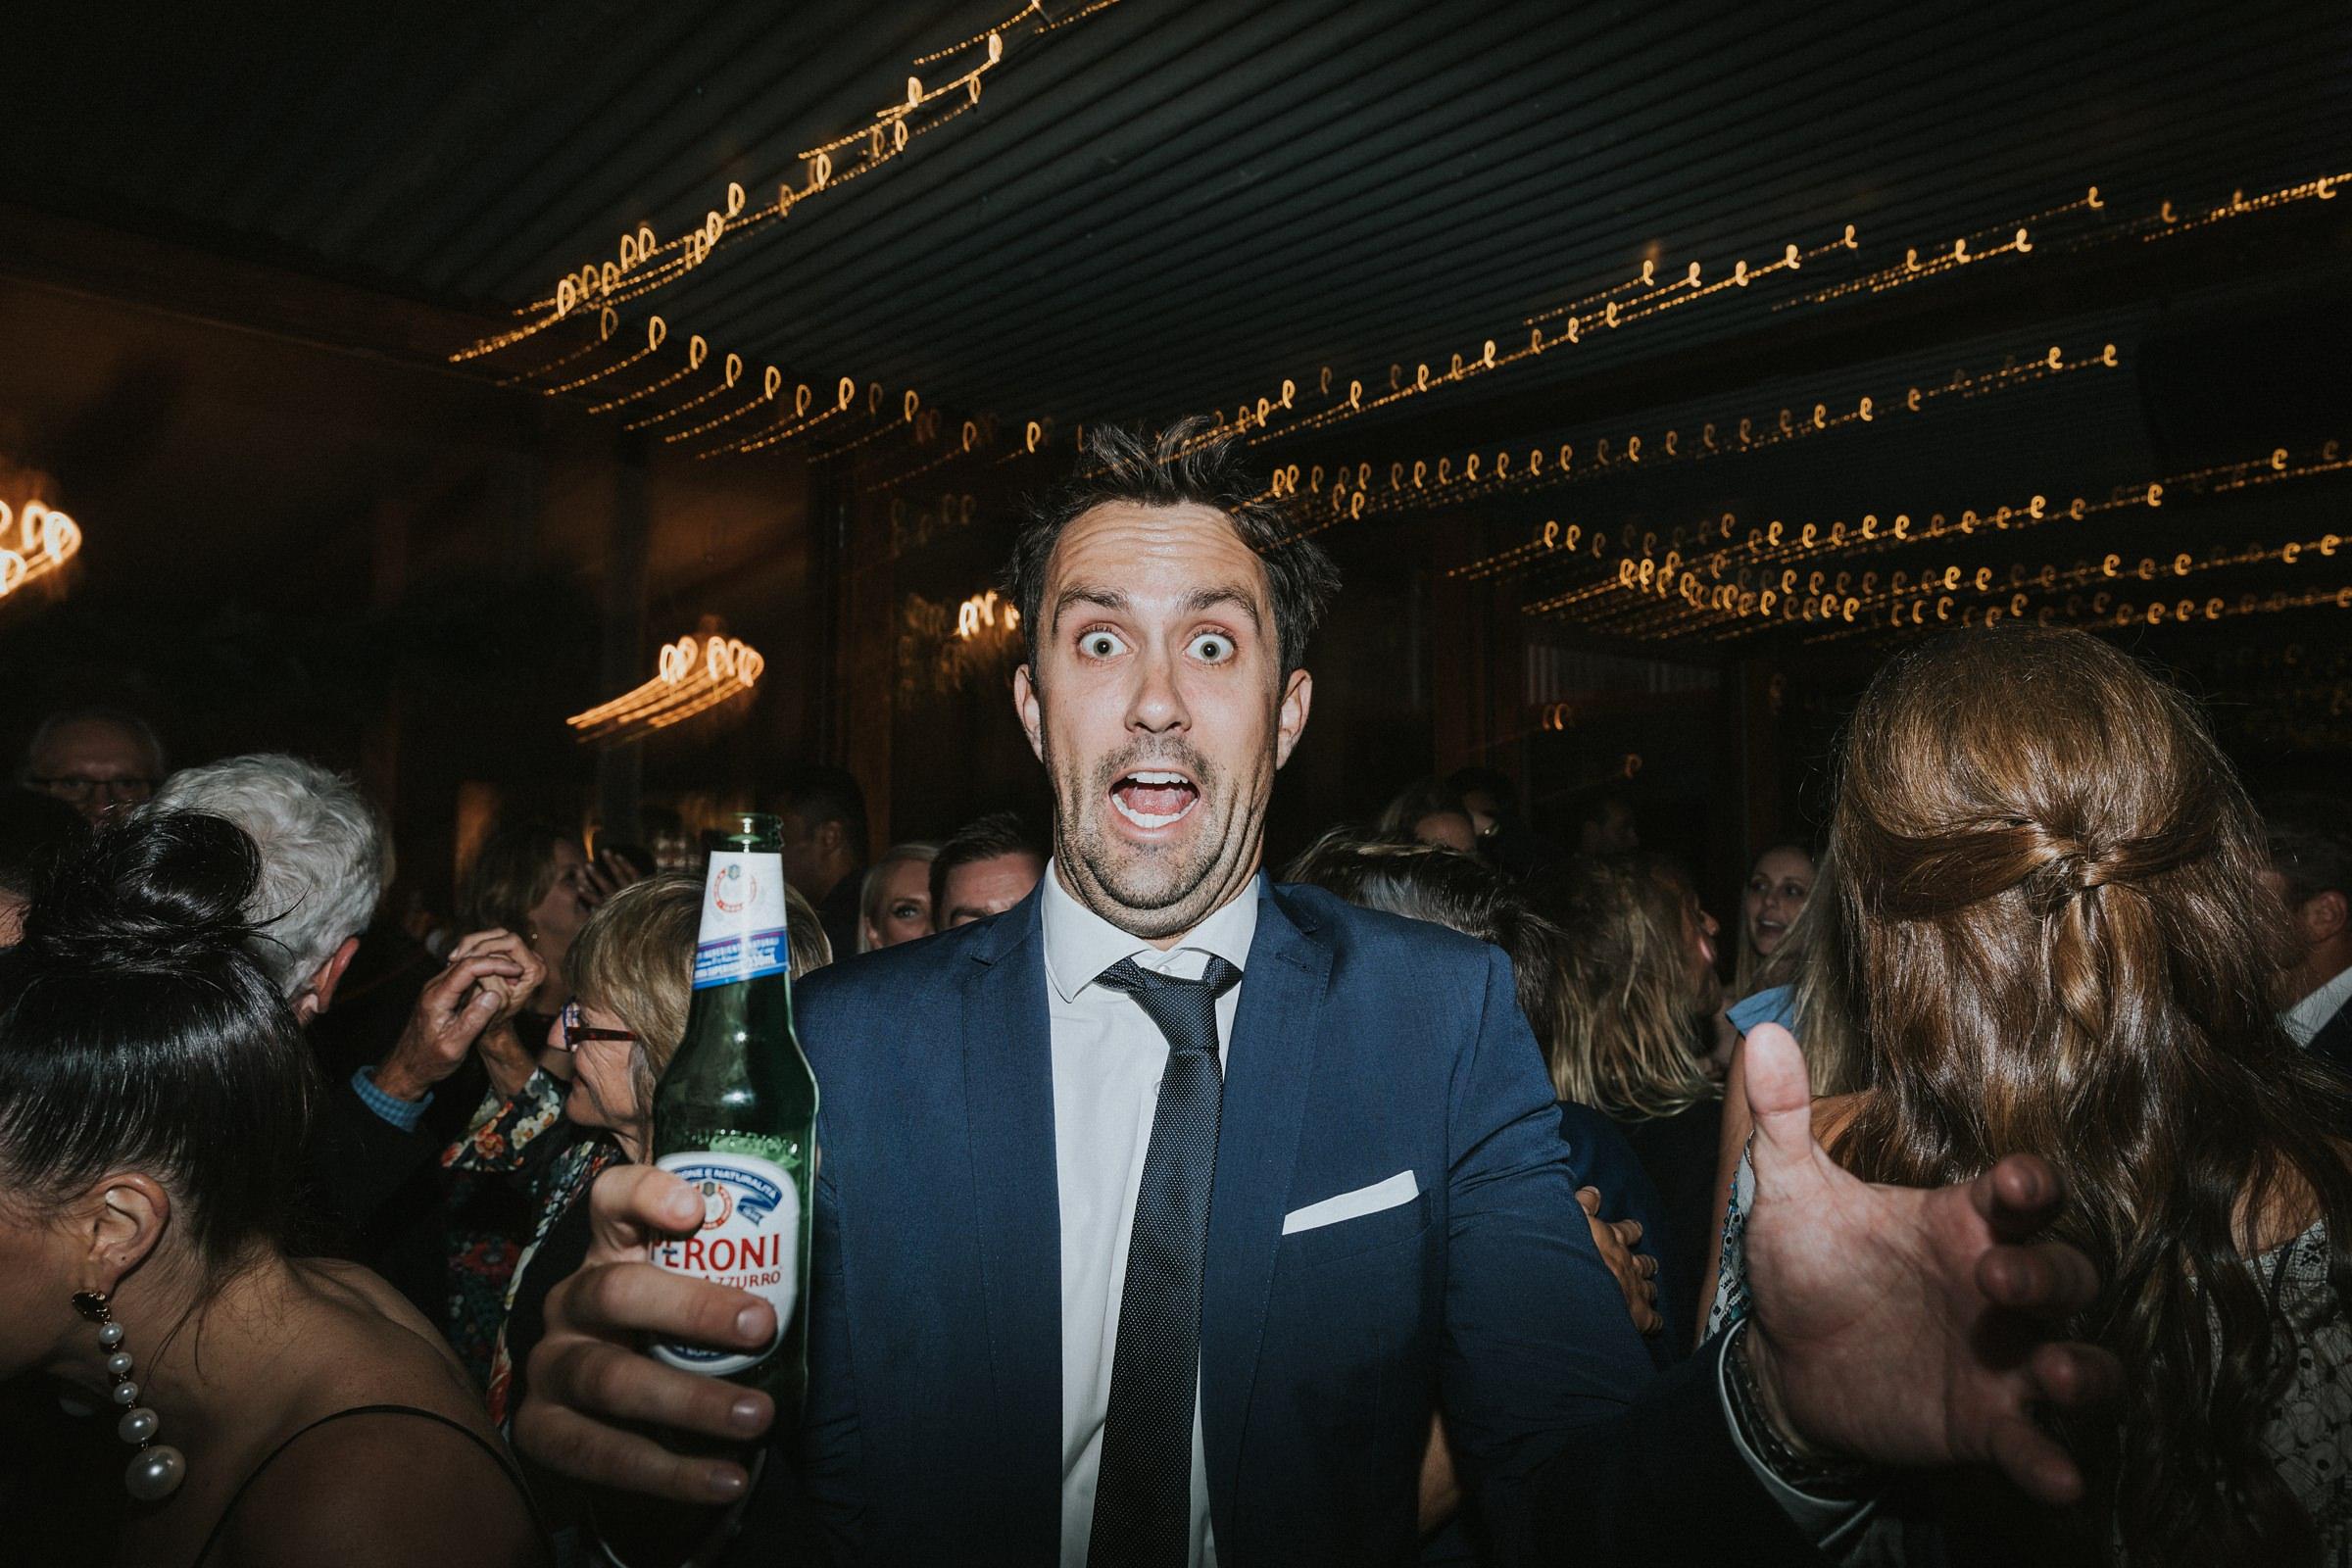 dancefloor fun for guests by XYDJ